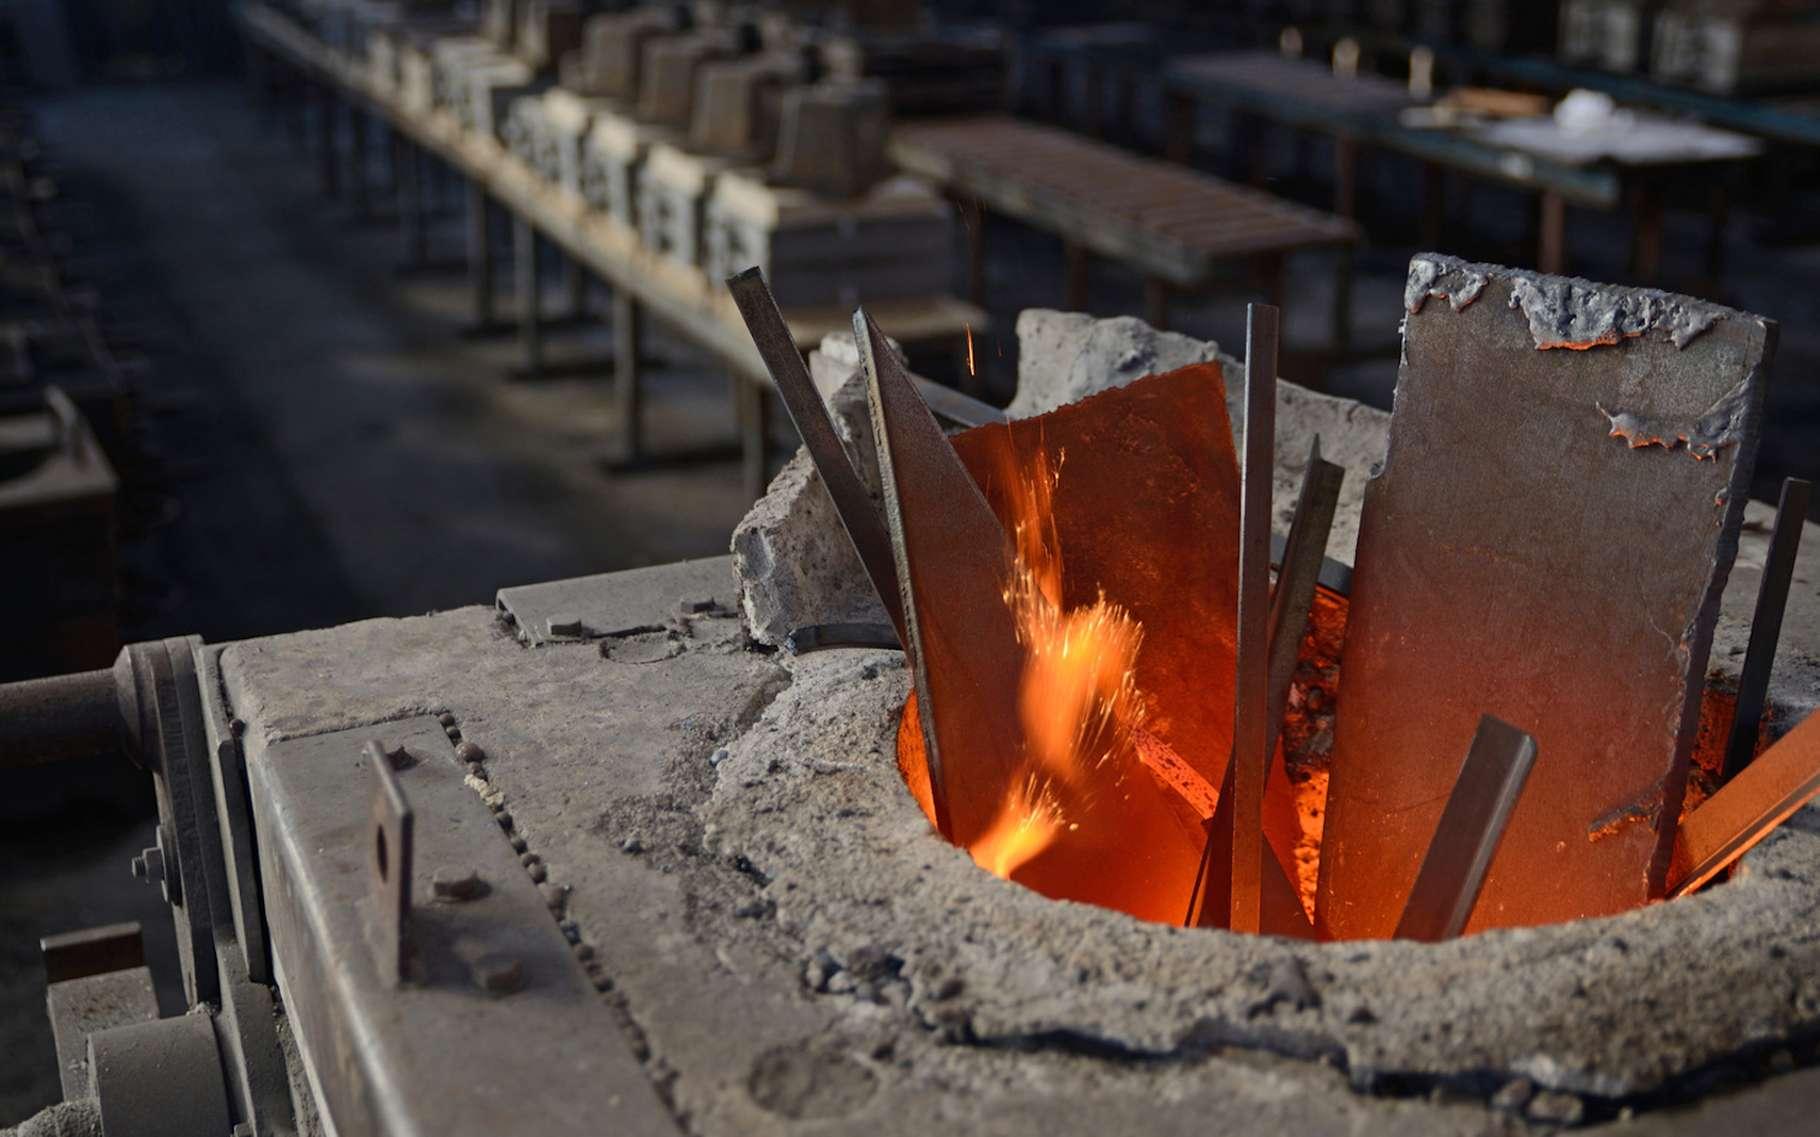 Le ferrotitane est un alliage qui peut être produit à partir de fer et de déchets de titane, dans des fours à induction. © Lakeview images, Fotolia